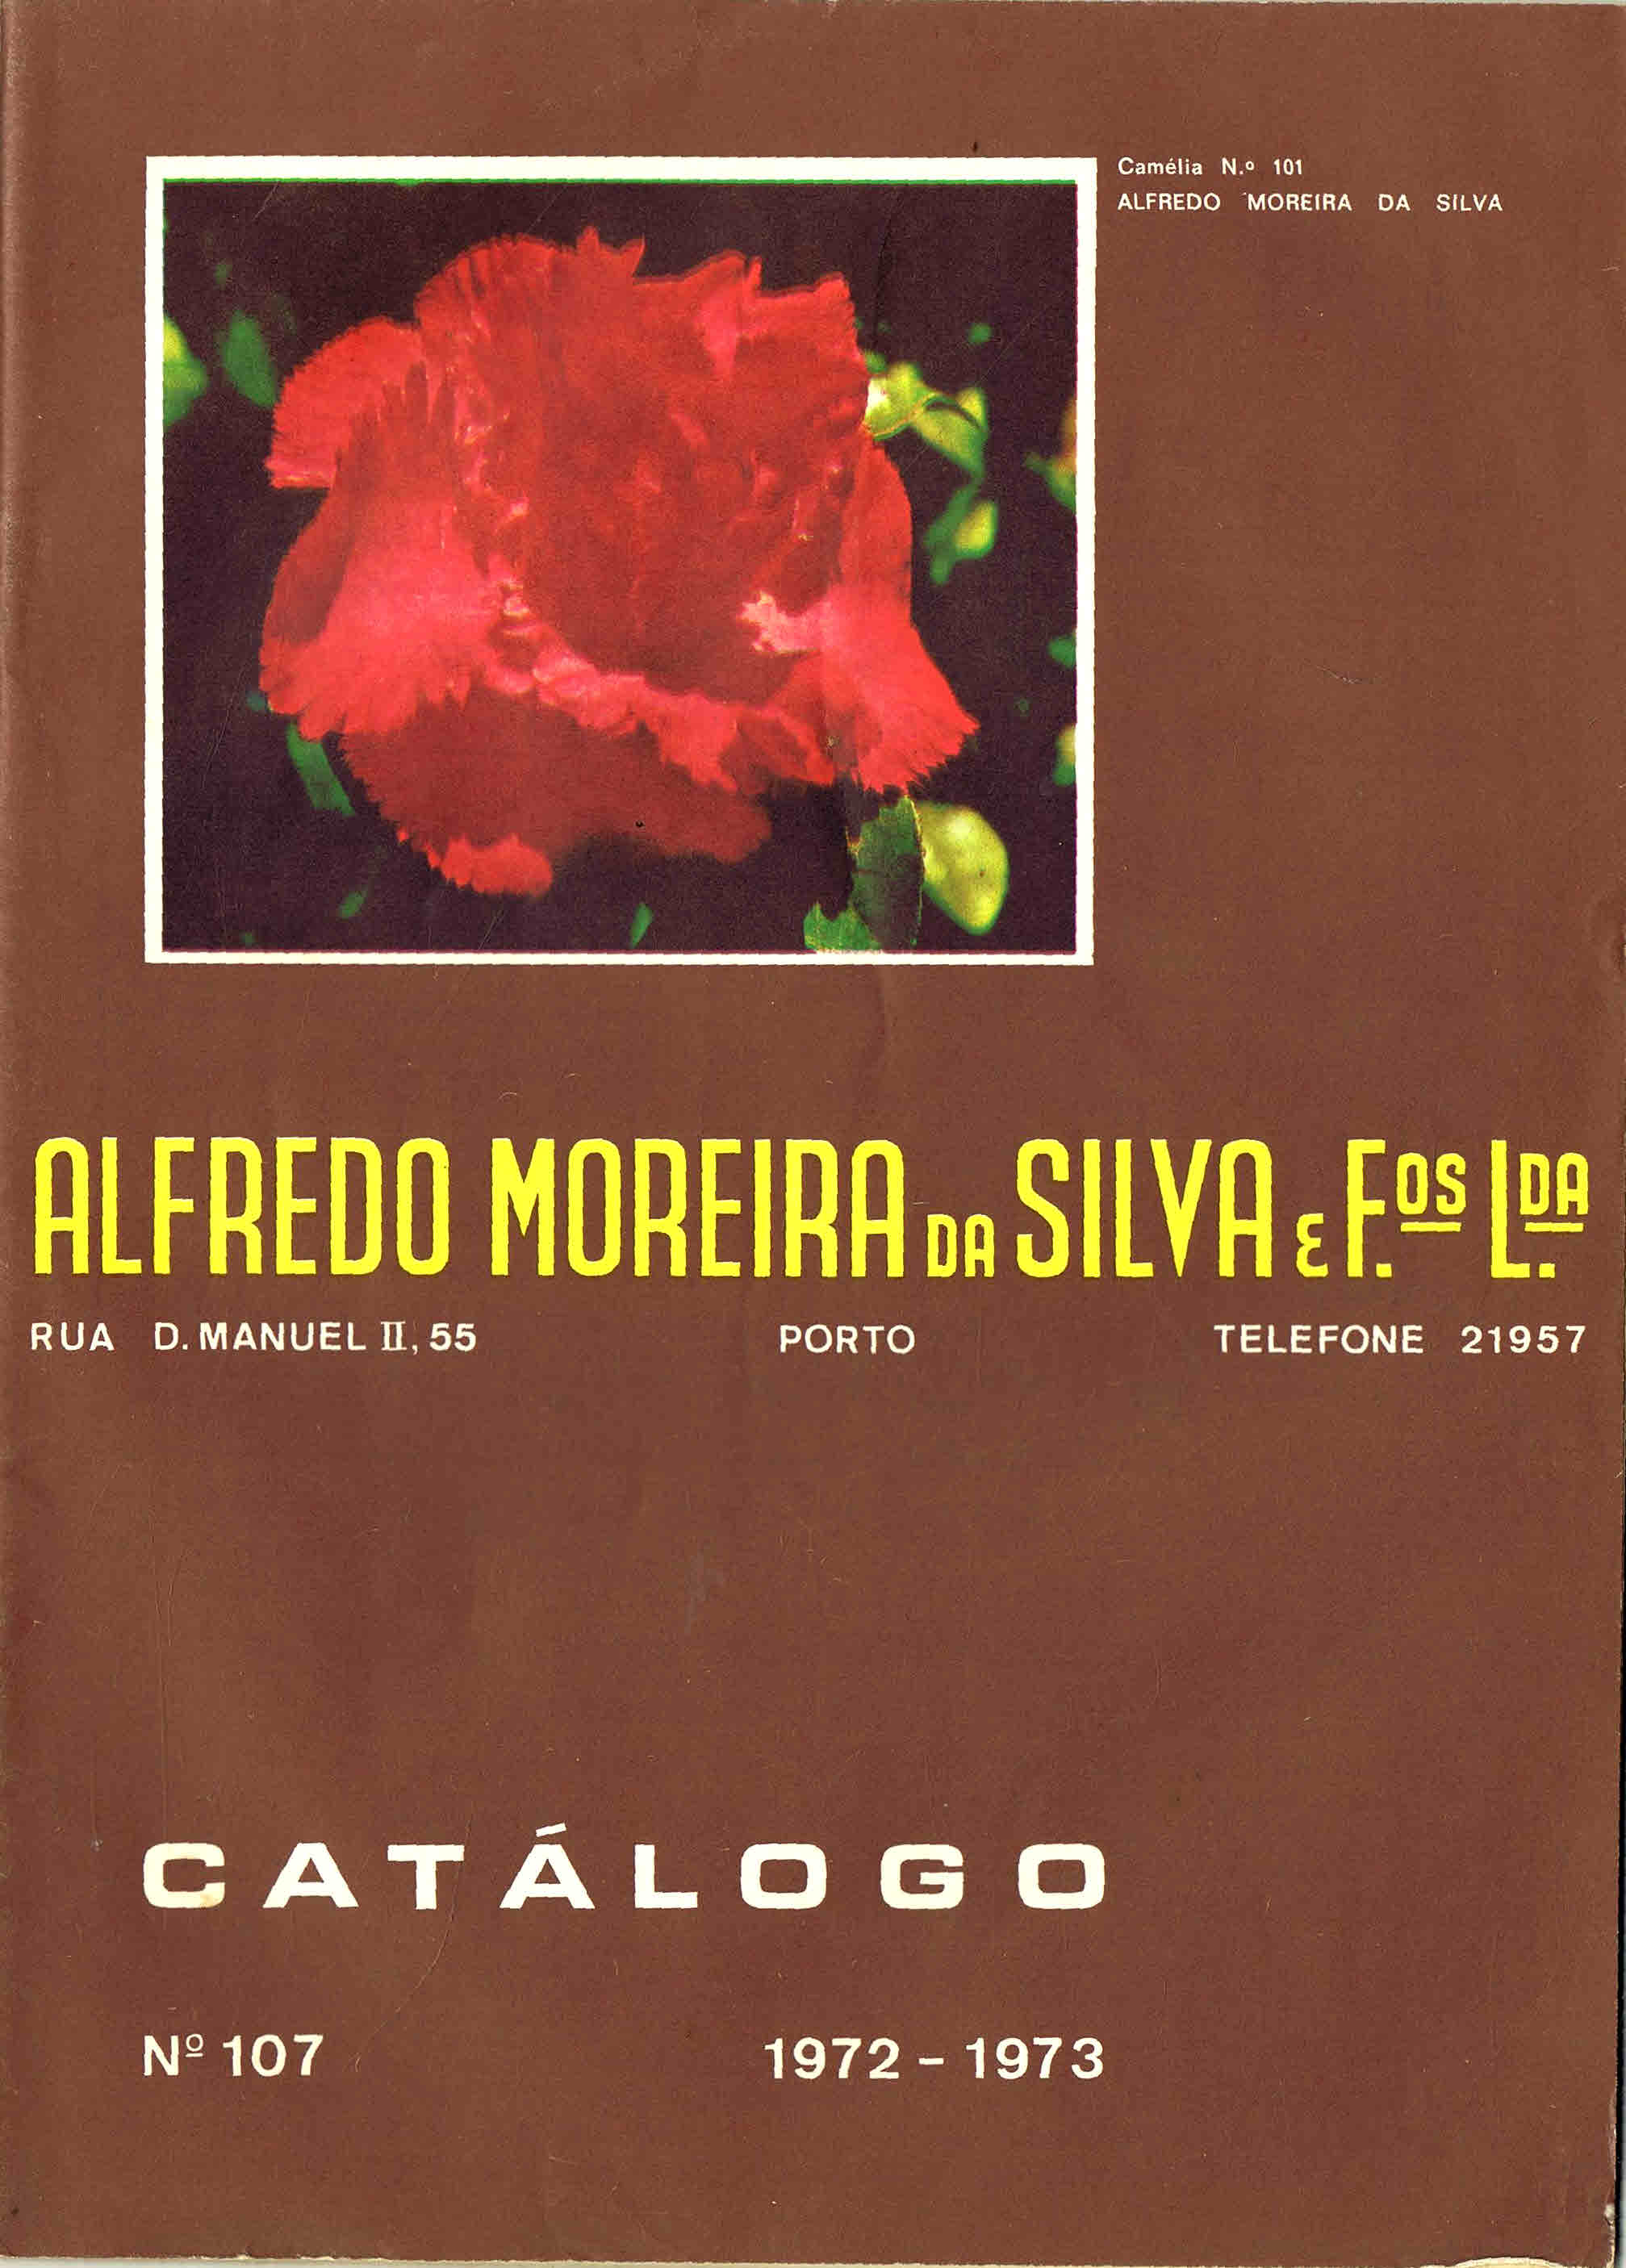 CATALOGO HORTICOLA MOREIRA DA SILVA & Fos Lda nº 107 1972-1973